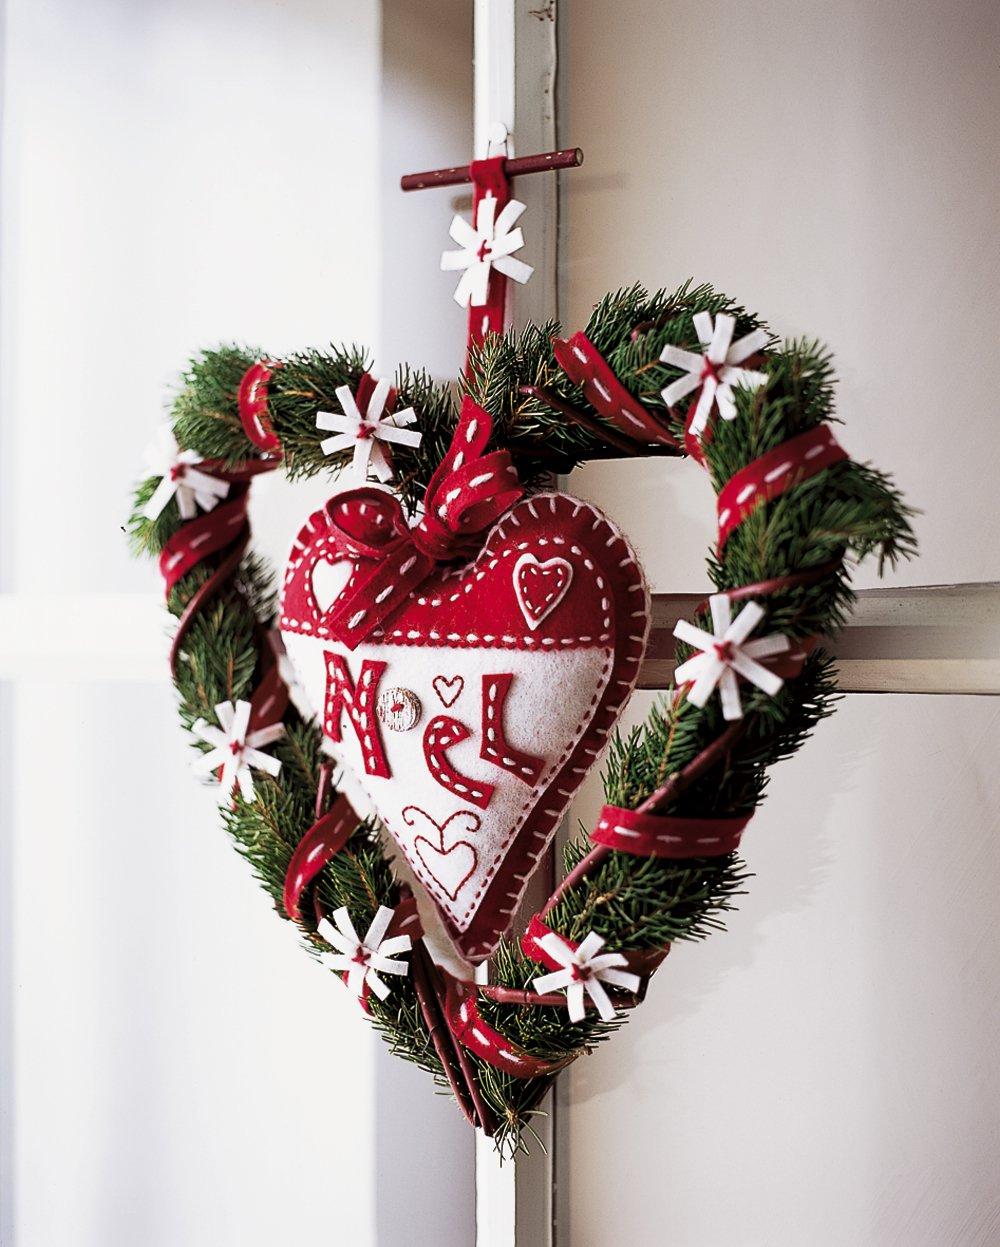 Рождественский венок в виде сердца